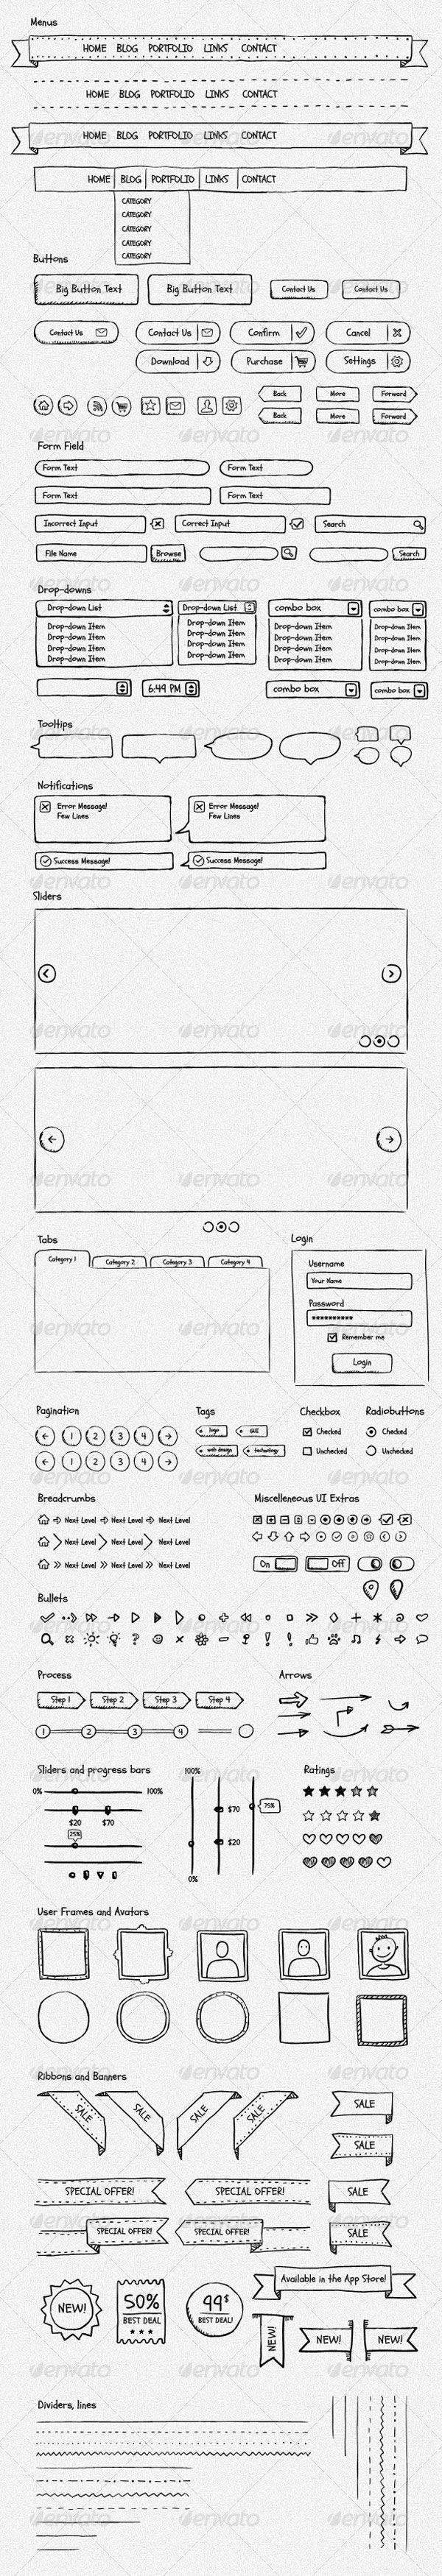 UI Design. Sketch wireframing illustration.